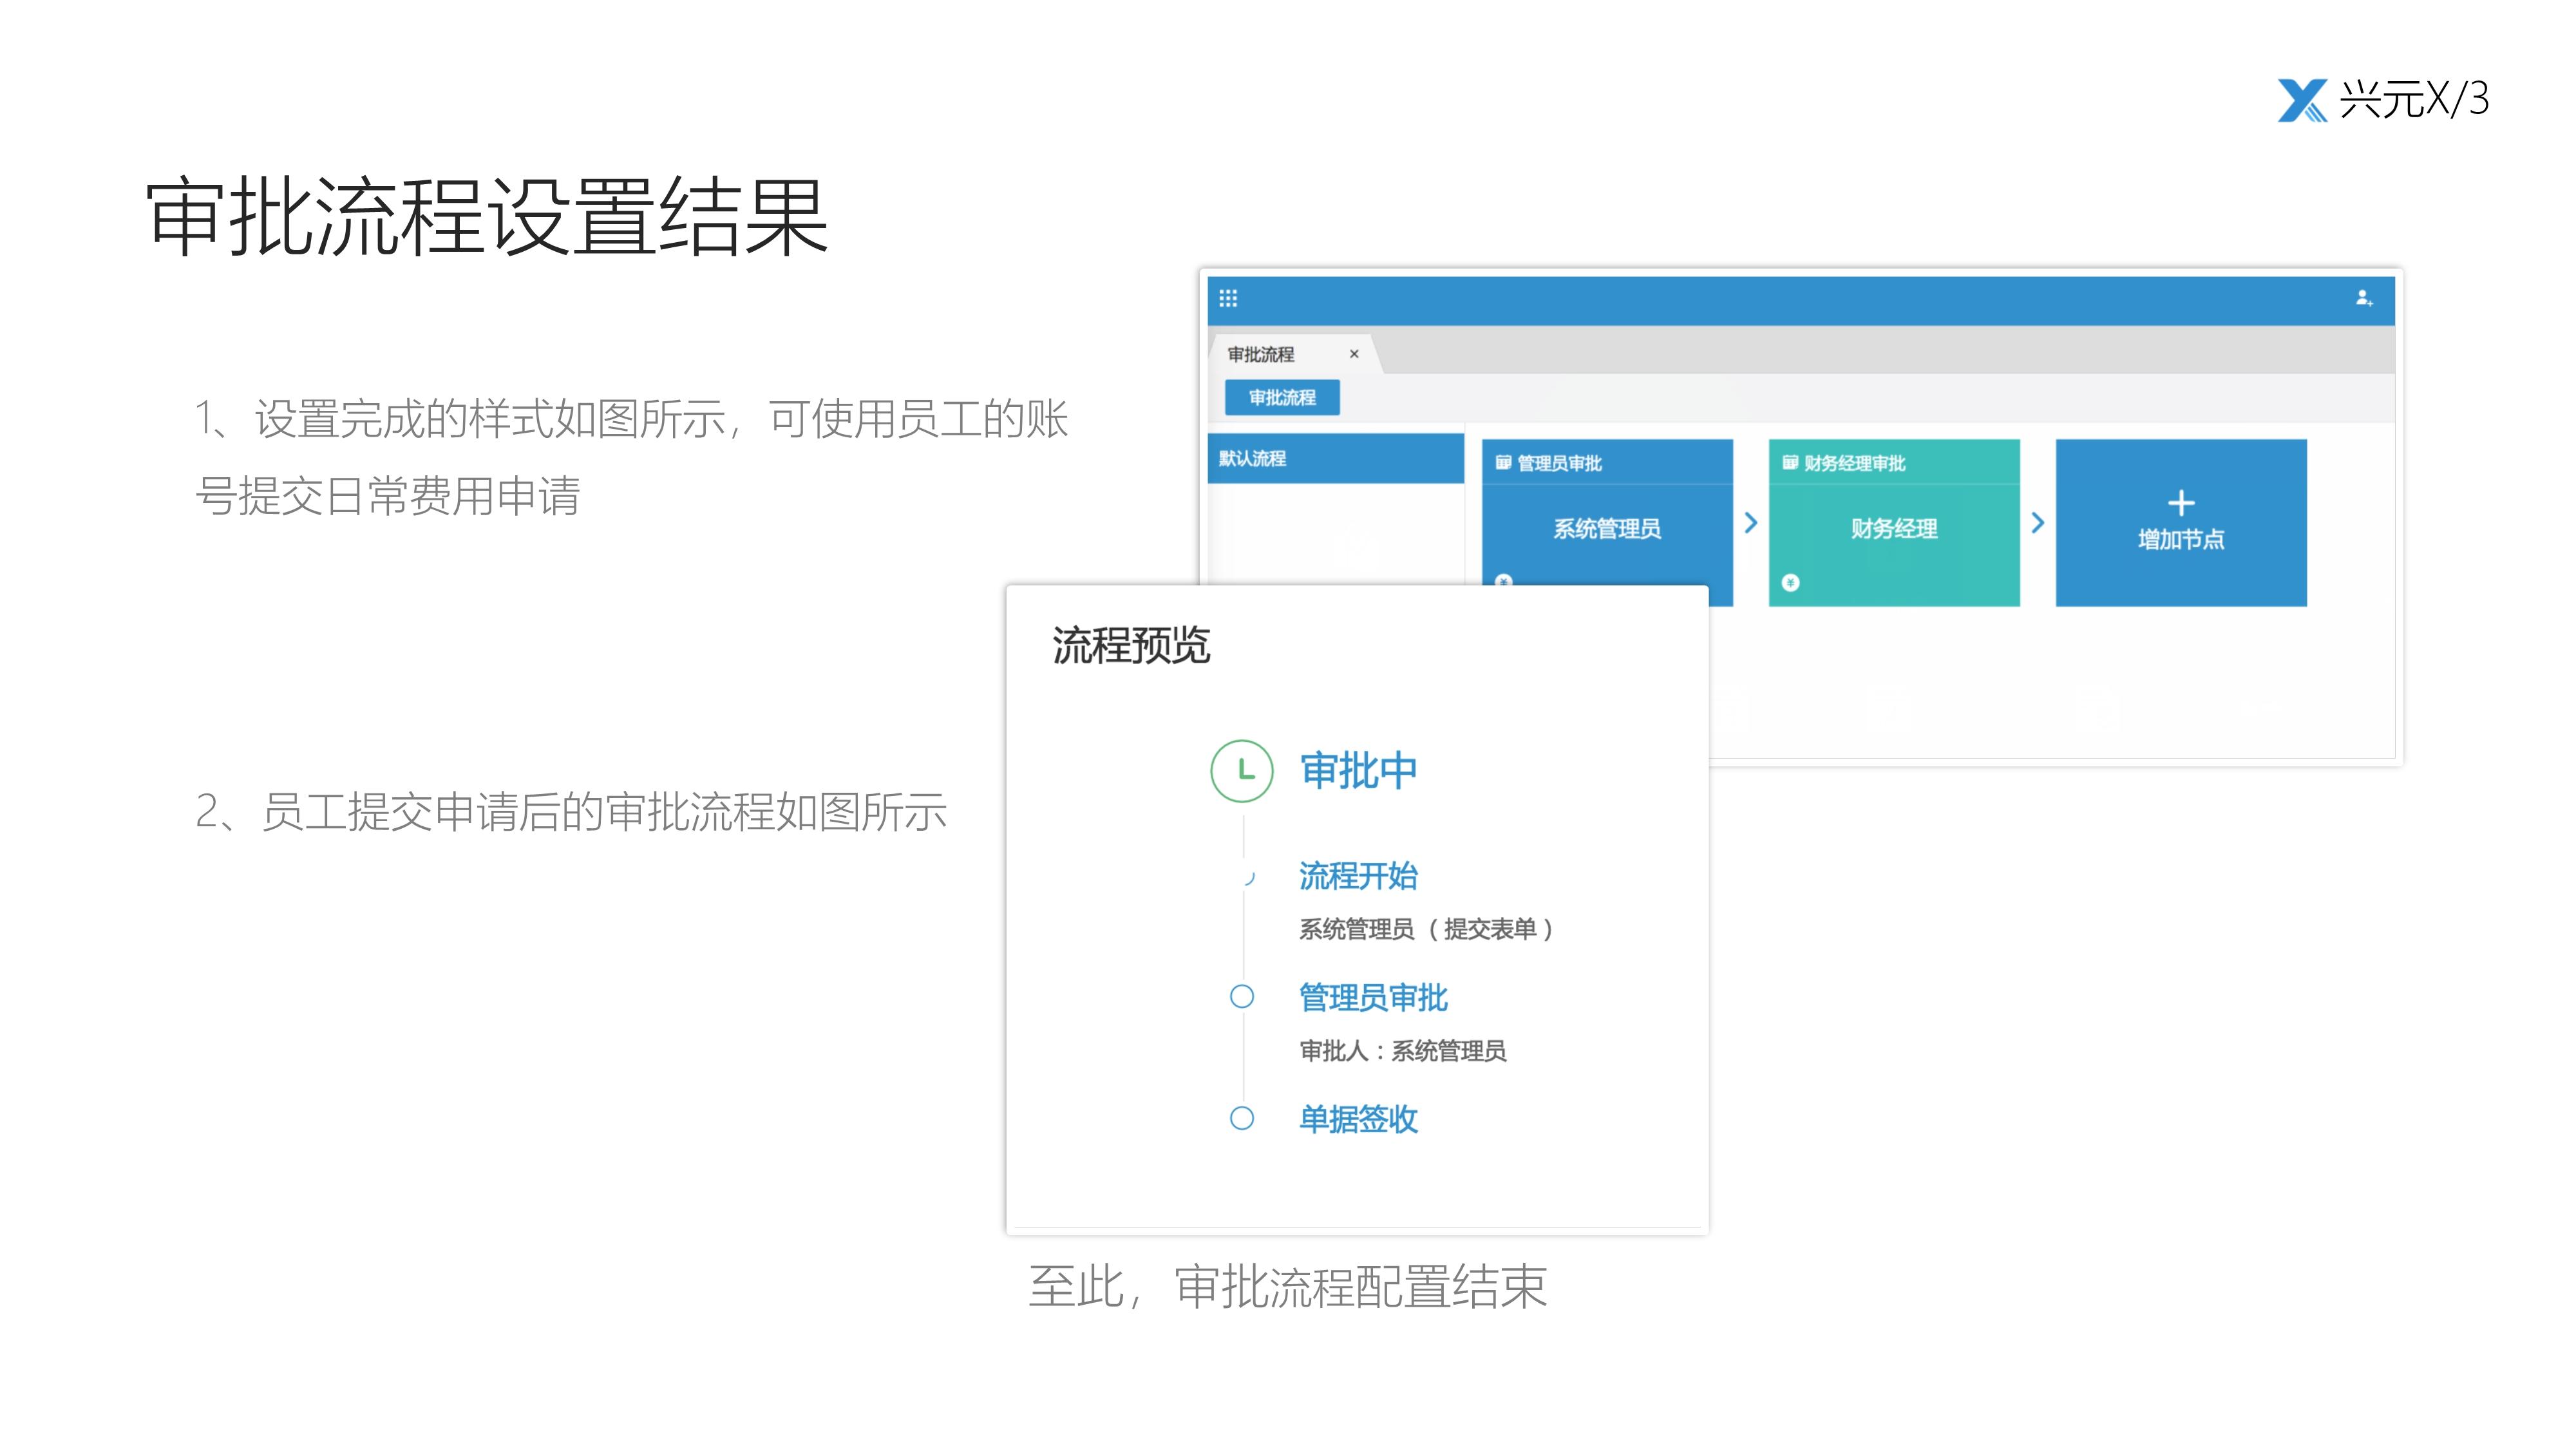 011809350146_0兴元财务管理报销软件_22.Jpeg